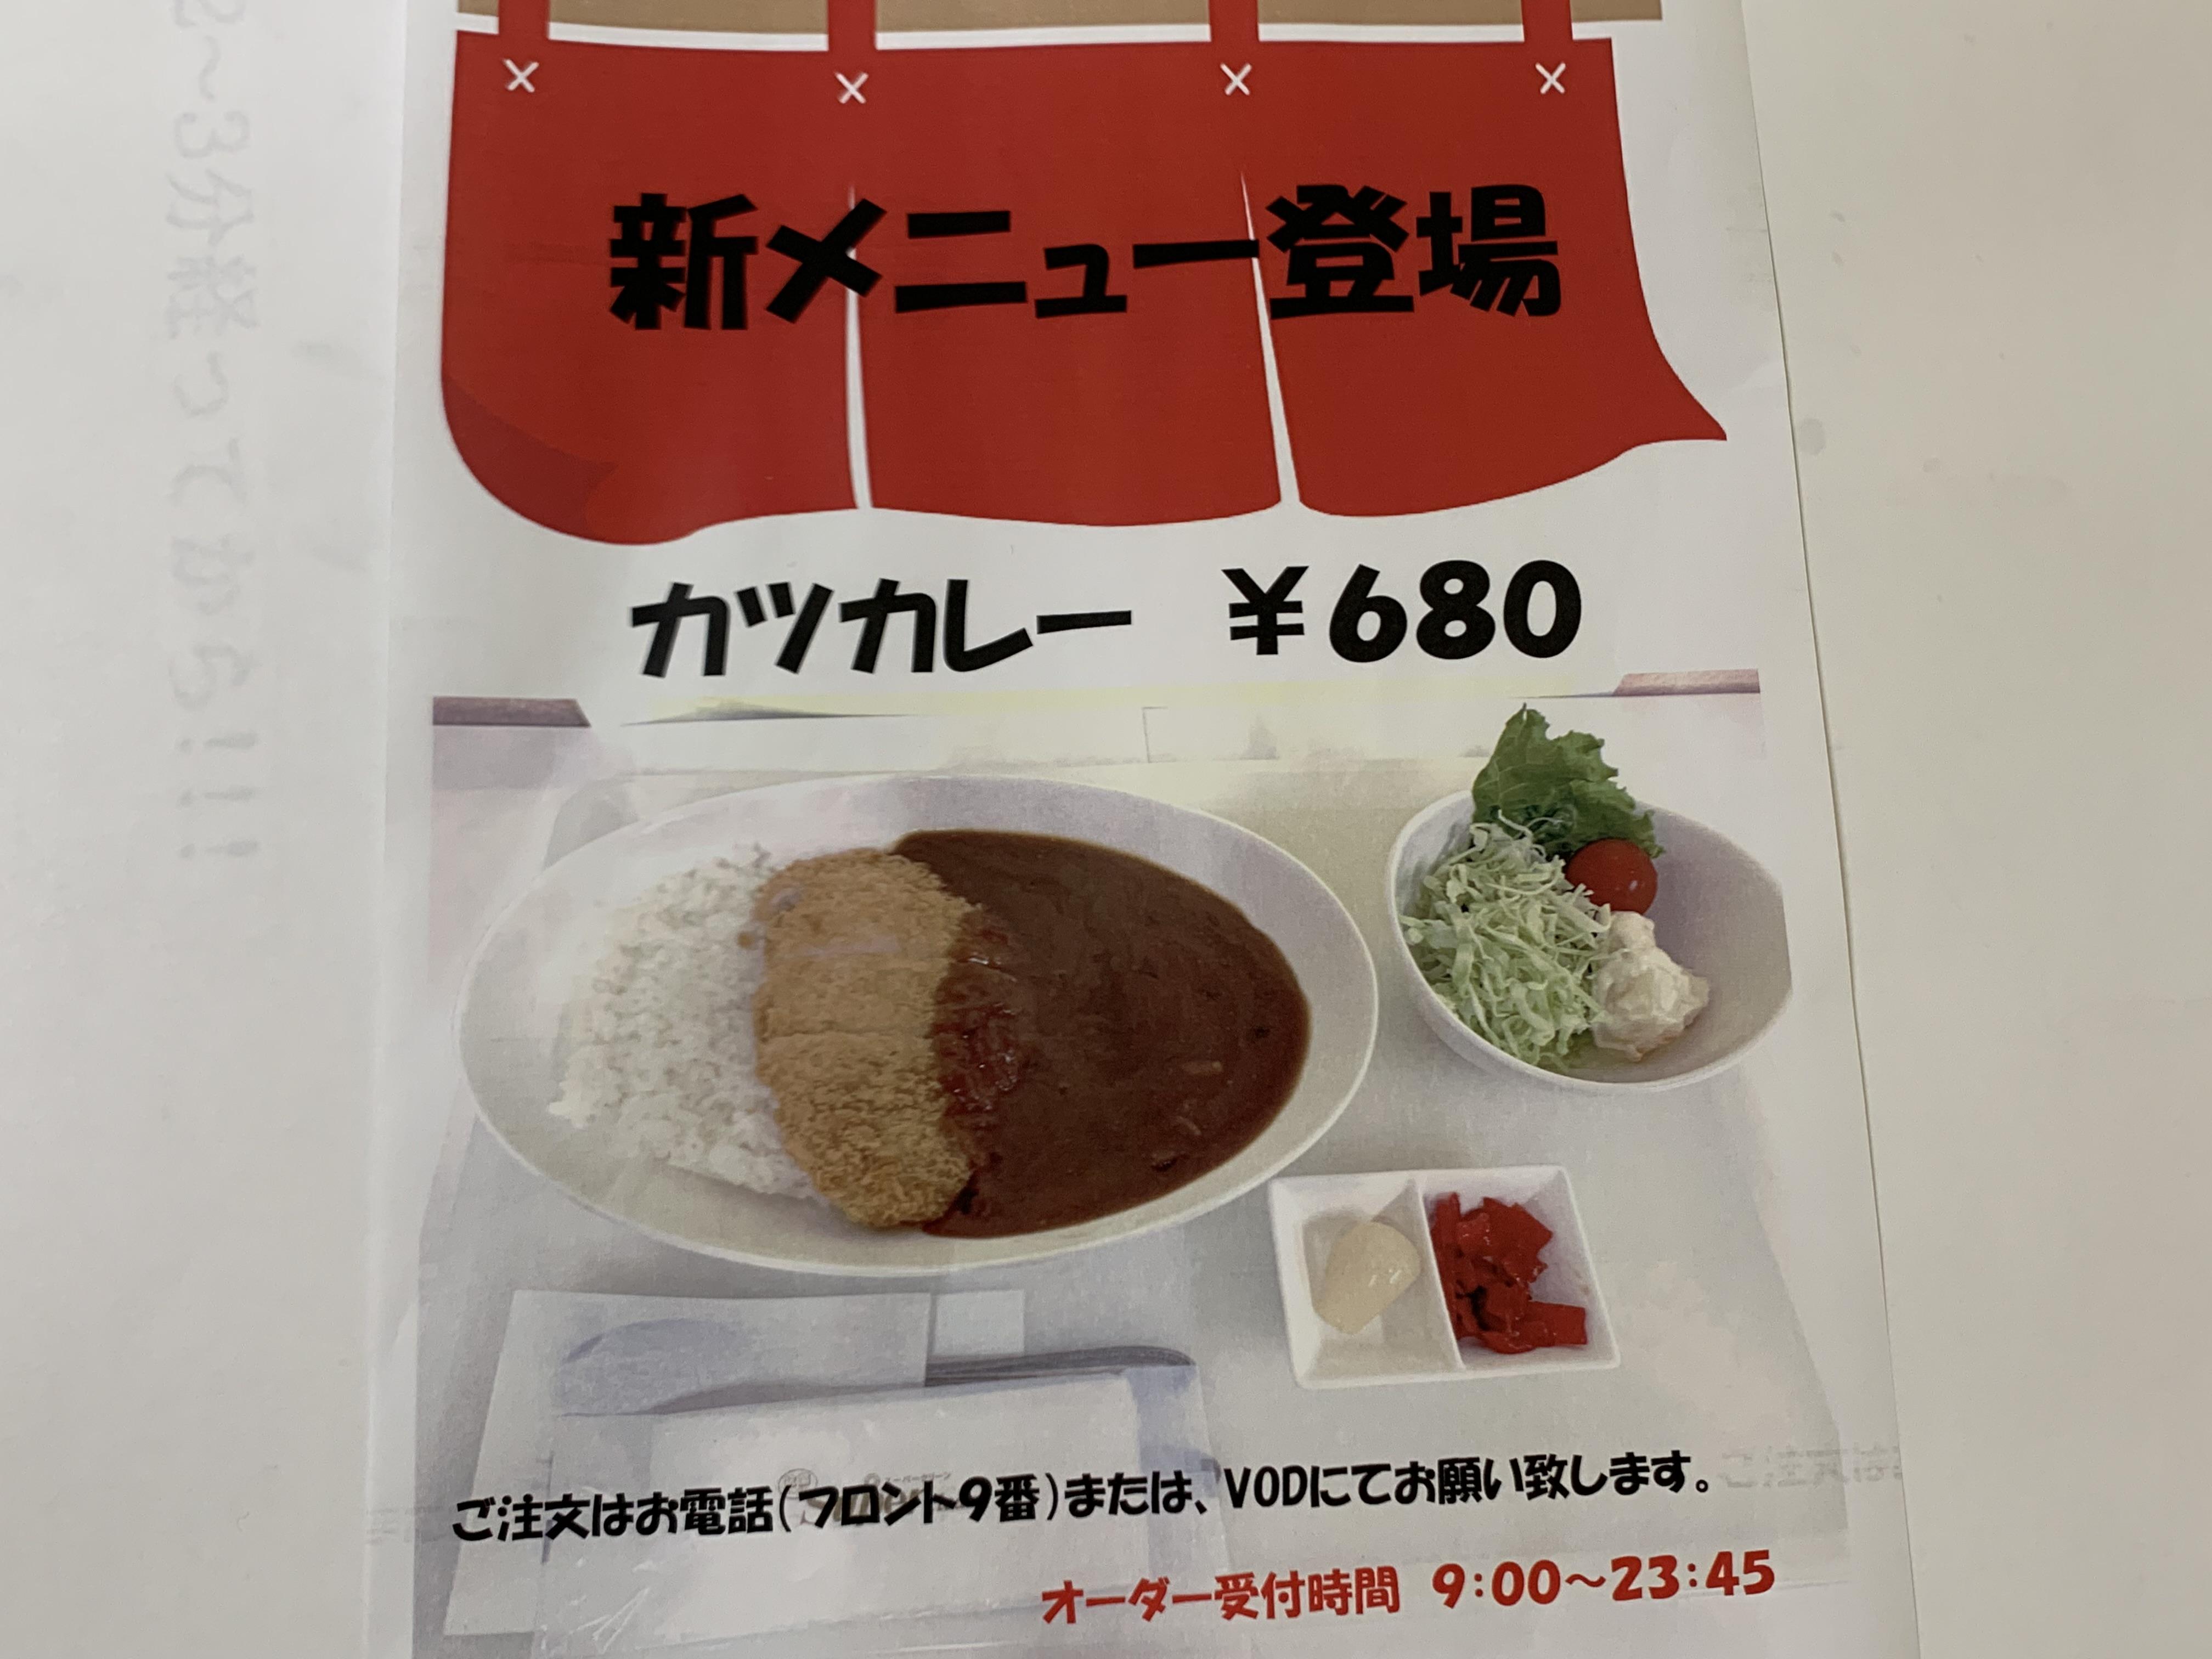 新メニュー登場!!